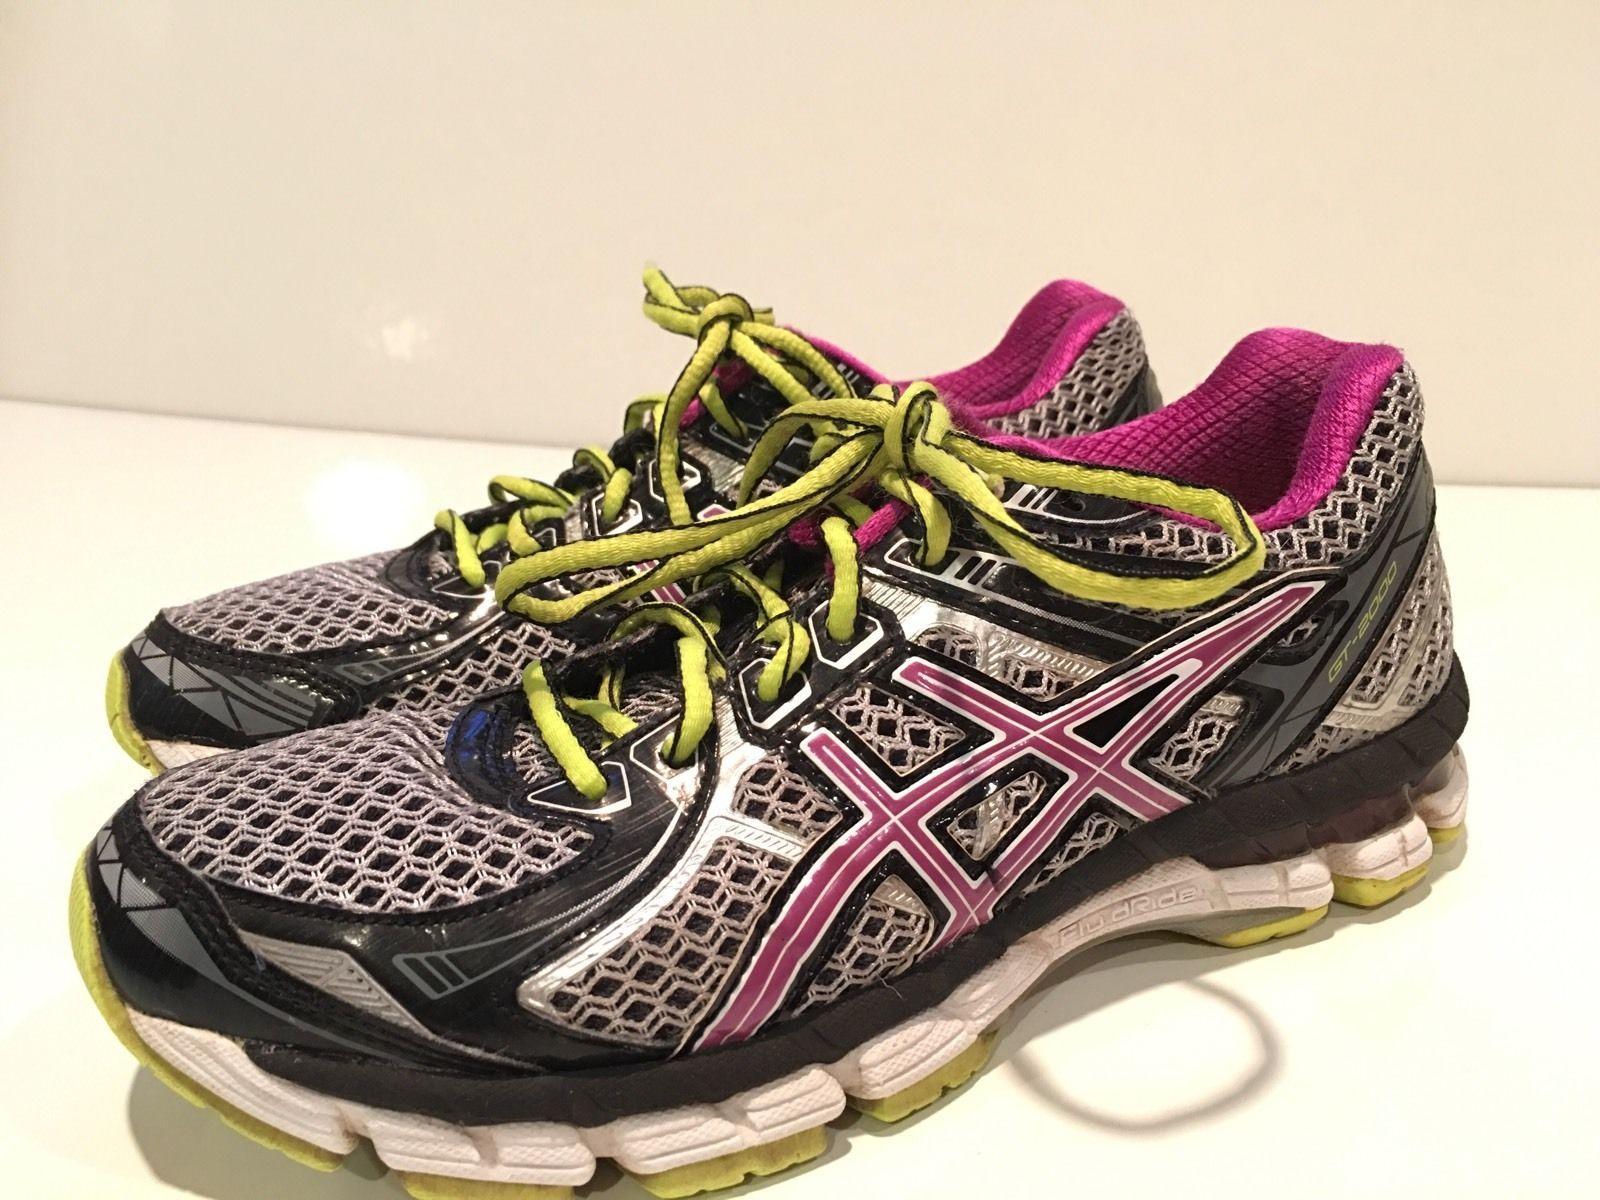 Asics Gel 13136 GT 2000 Chaussures de Size course à pied | pour femme Size 6 M | 226277d - kyomin.website